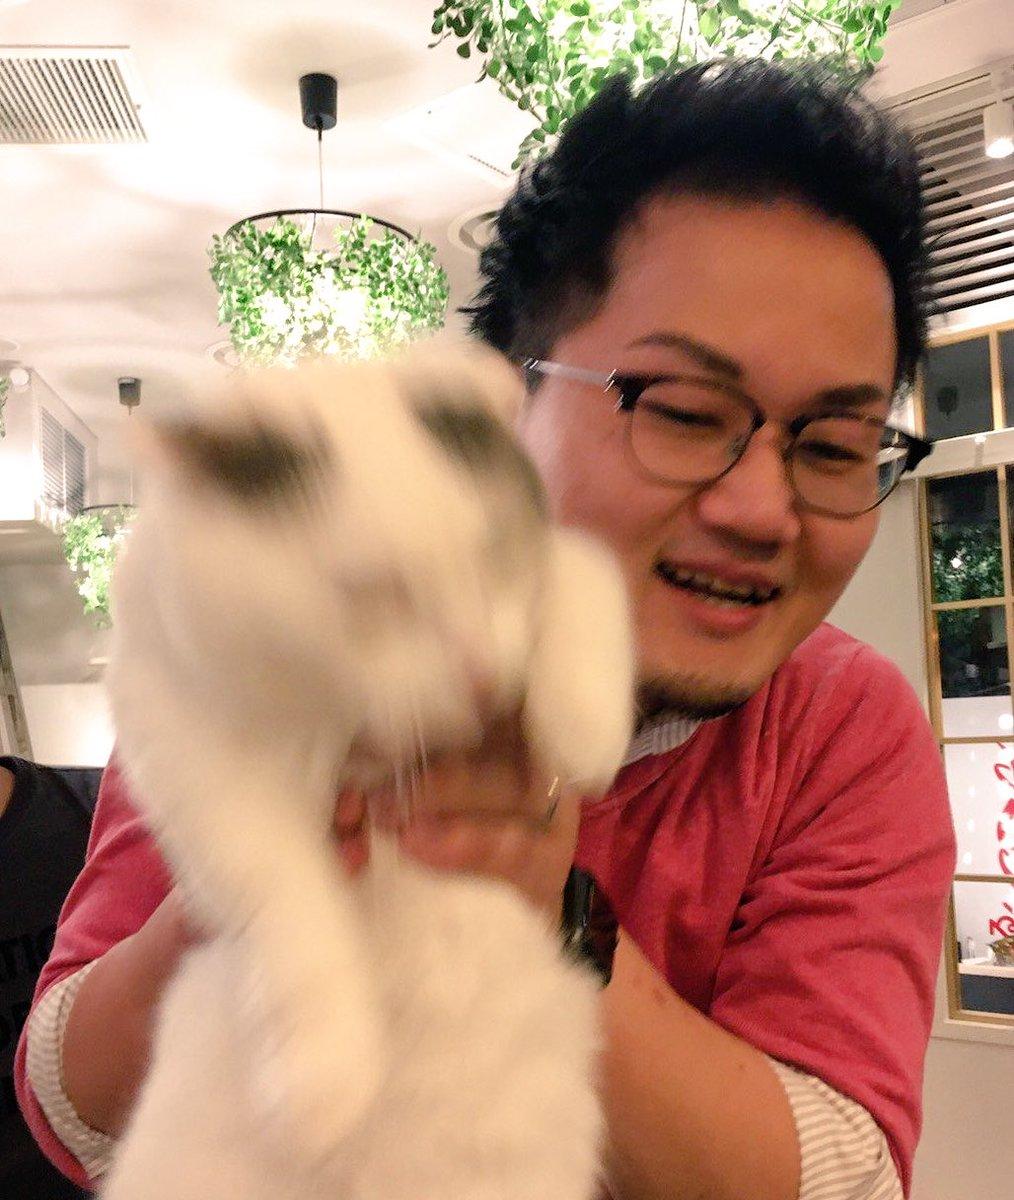 猫カフェMoCHA原宿店のアイドル・ごましお。可愛すぎて写真に収めることができない。 #はたおに